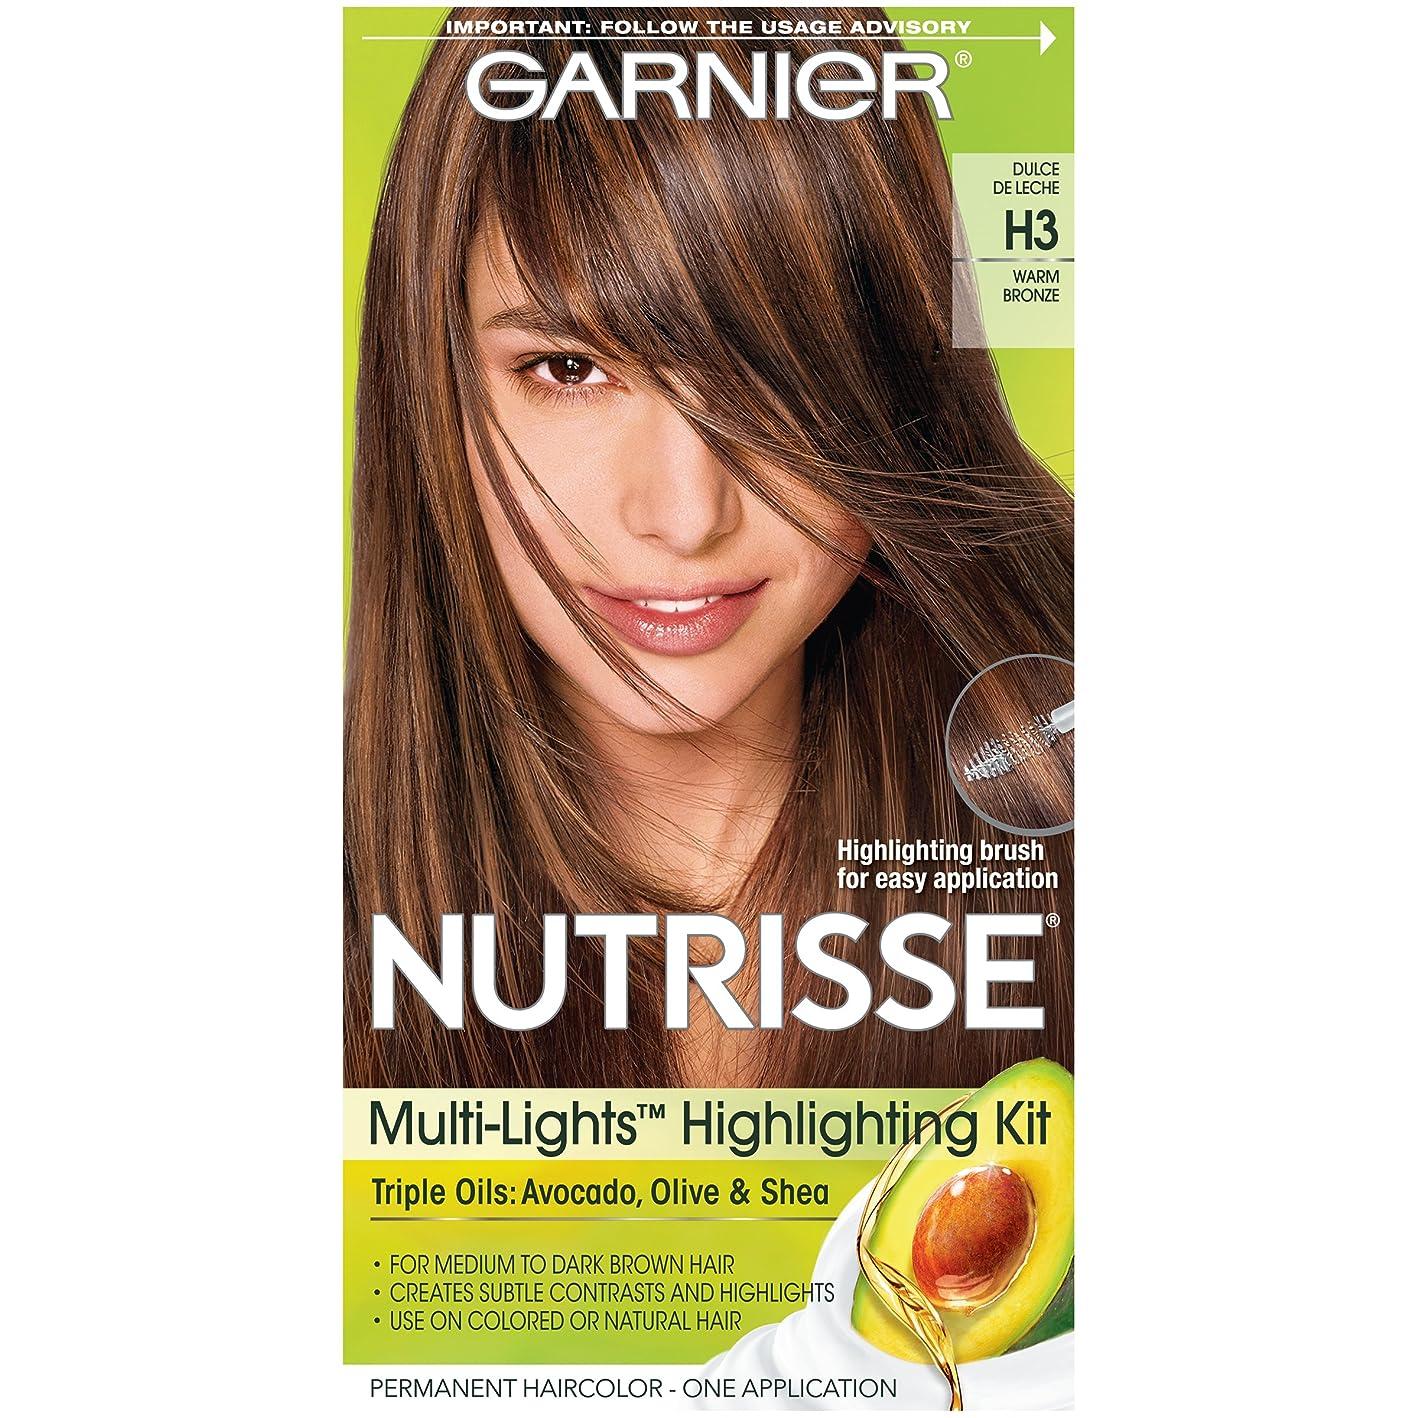 その示す先のことを考えるGarnier Nutrisseナリシングヘアカラークリーム、H3ウォームブロンズ(梱包が変更になる場合があります)